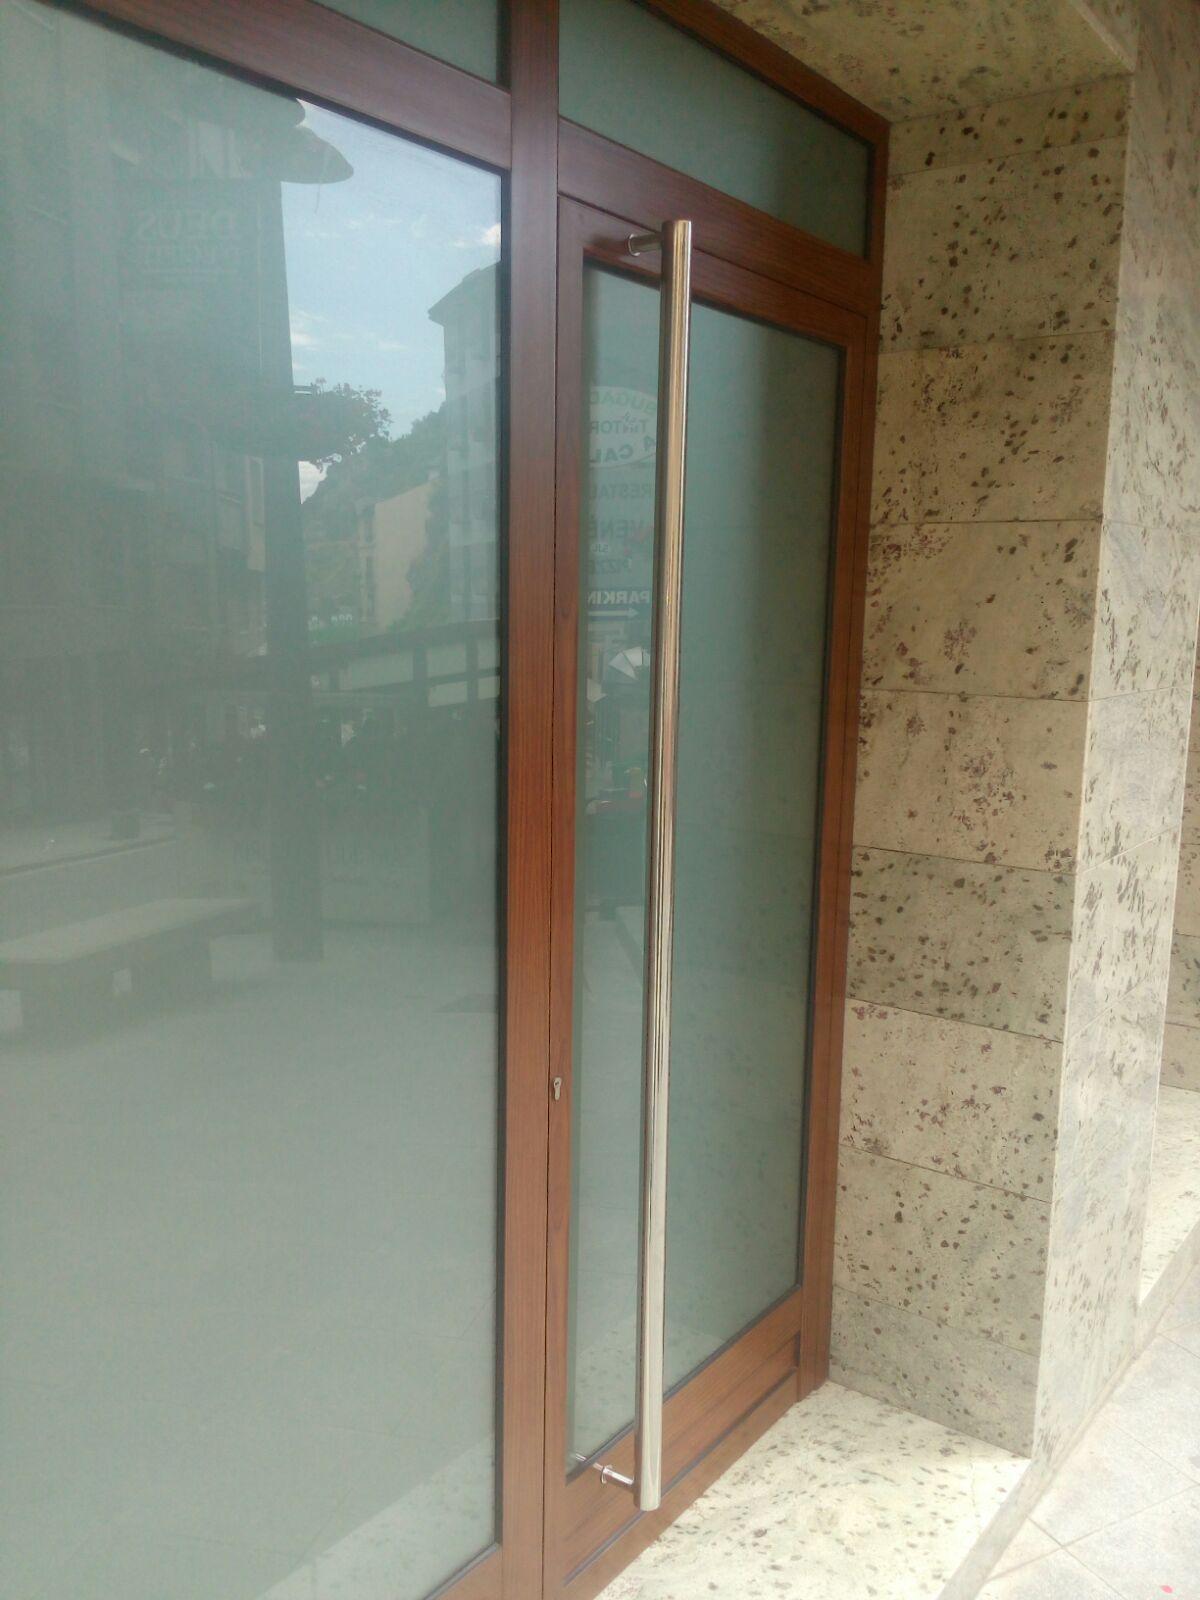 Fusteria d'alumini, alumini corbat i vidre, per portes, finestres, sostres, protecions solars, terrasses per bars i altres tancaments a Andorra